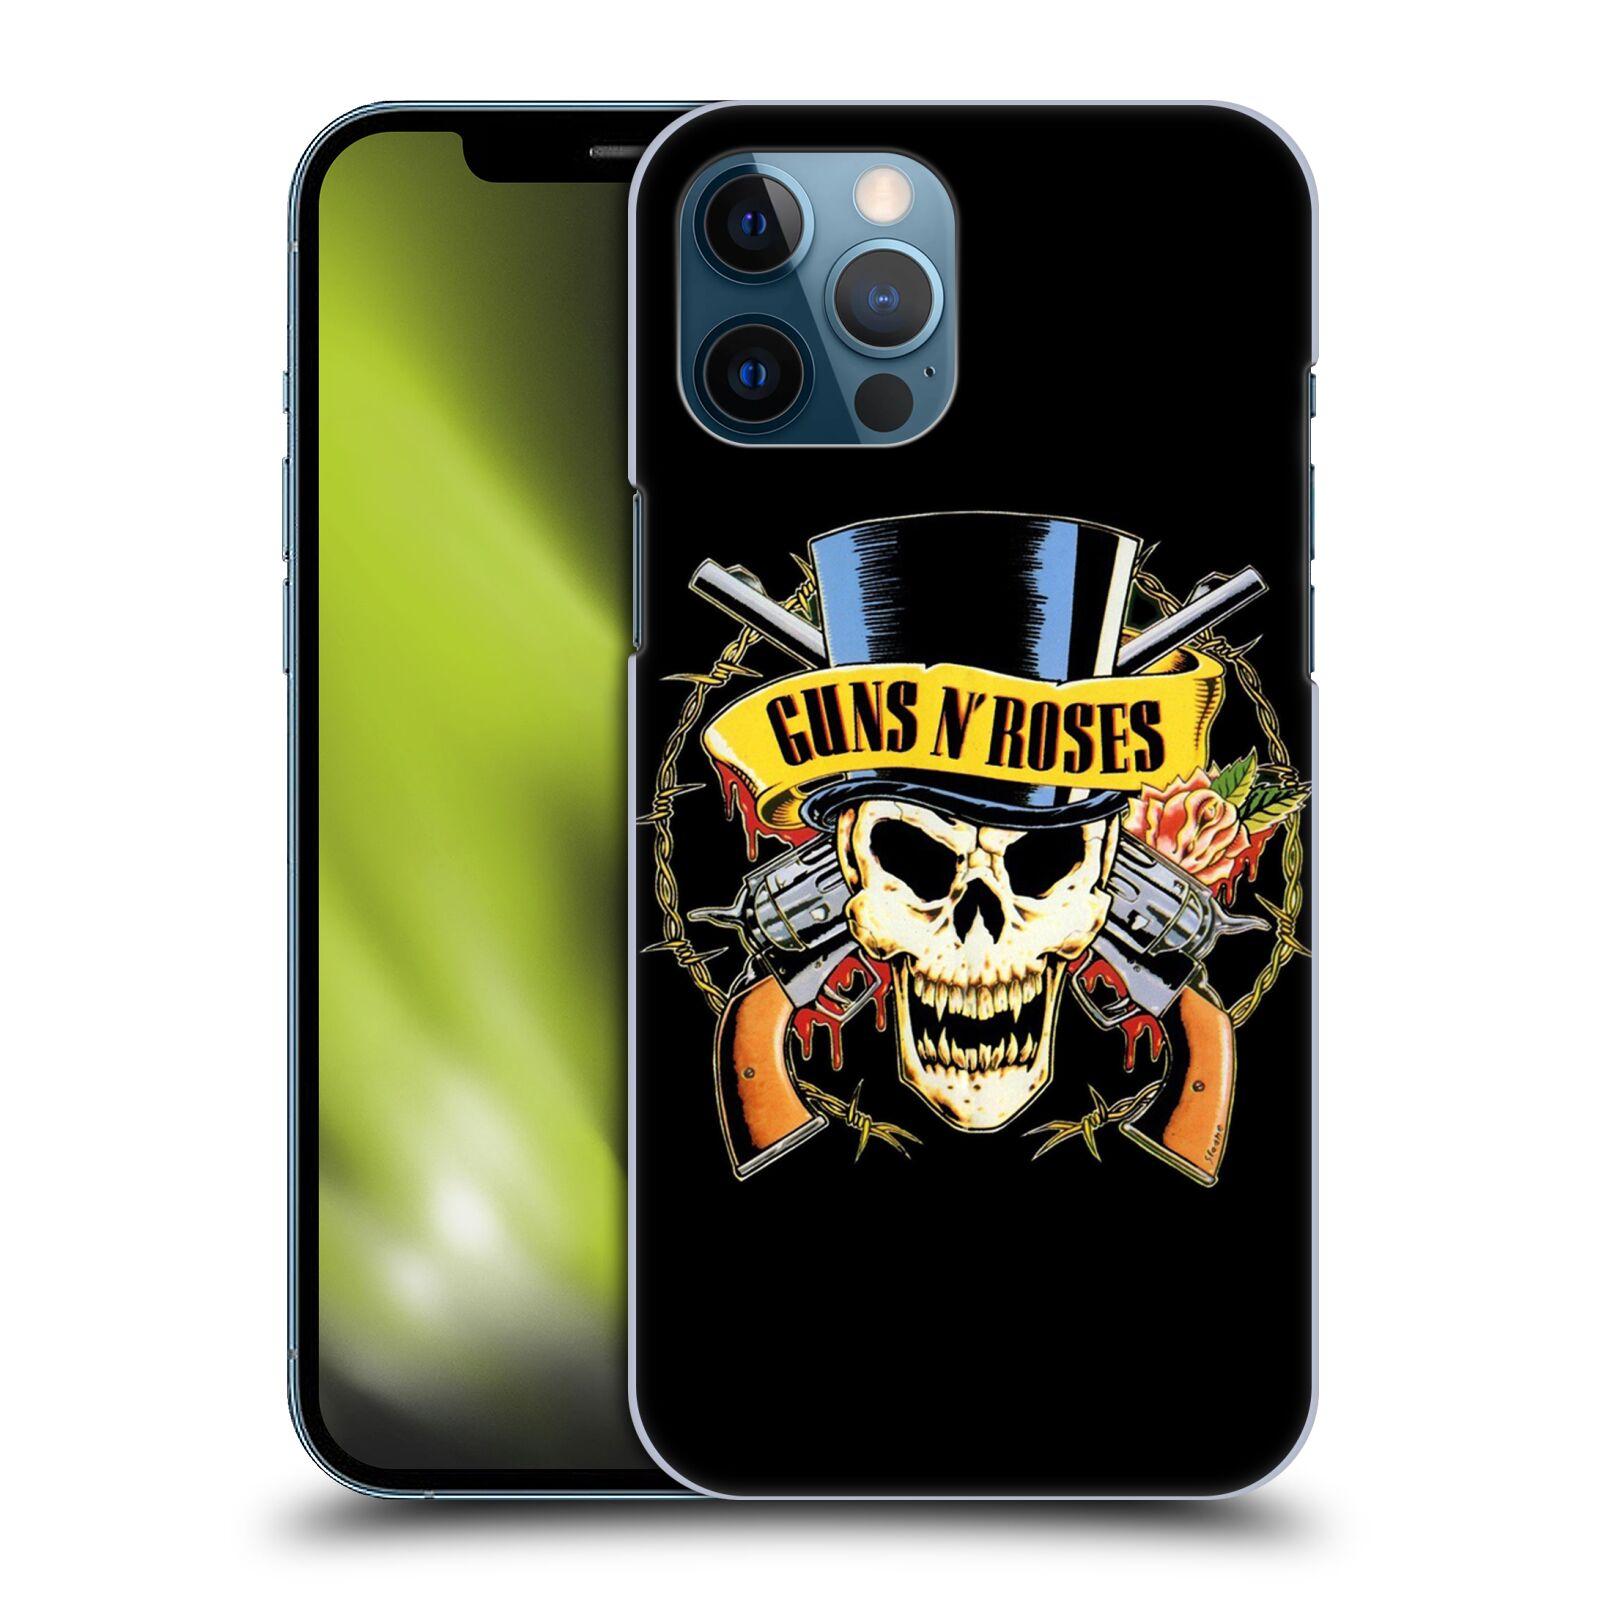 Plastové pouzdro na mobil Apple iPhone 12 Pro Max - Head Case - Guns N' Roses - Lebka